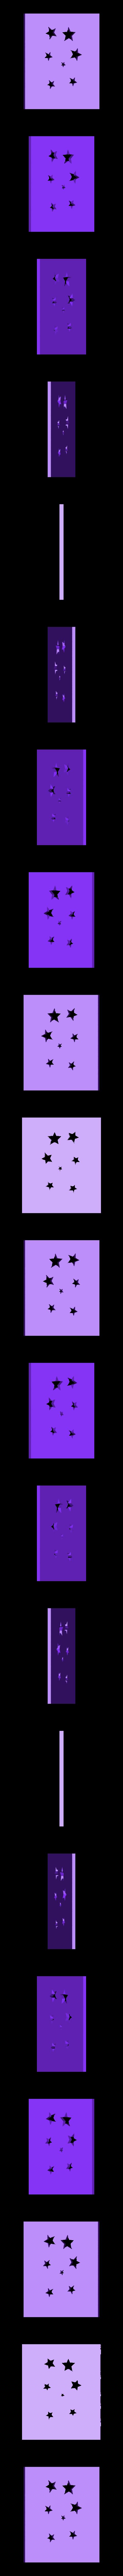 Side_Panel_Stars.STL Télécharger fichier STL gratuit LED Litho-lanterne de vacances • Plan pour impression 3D, Festus440